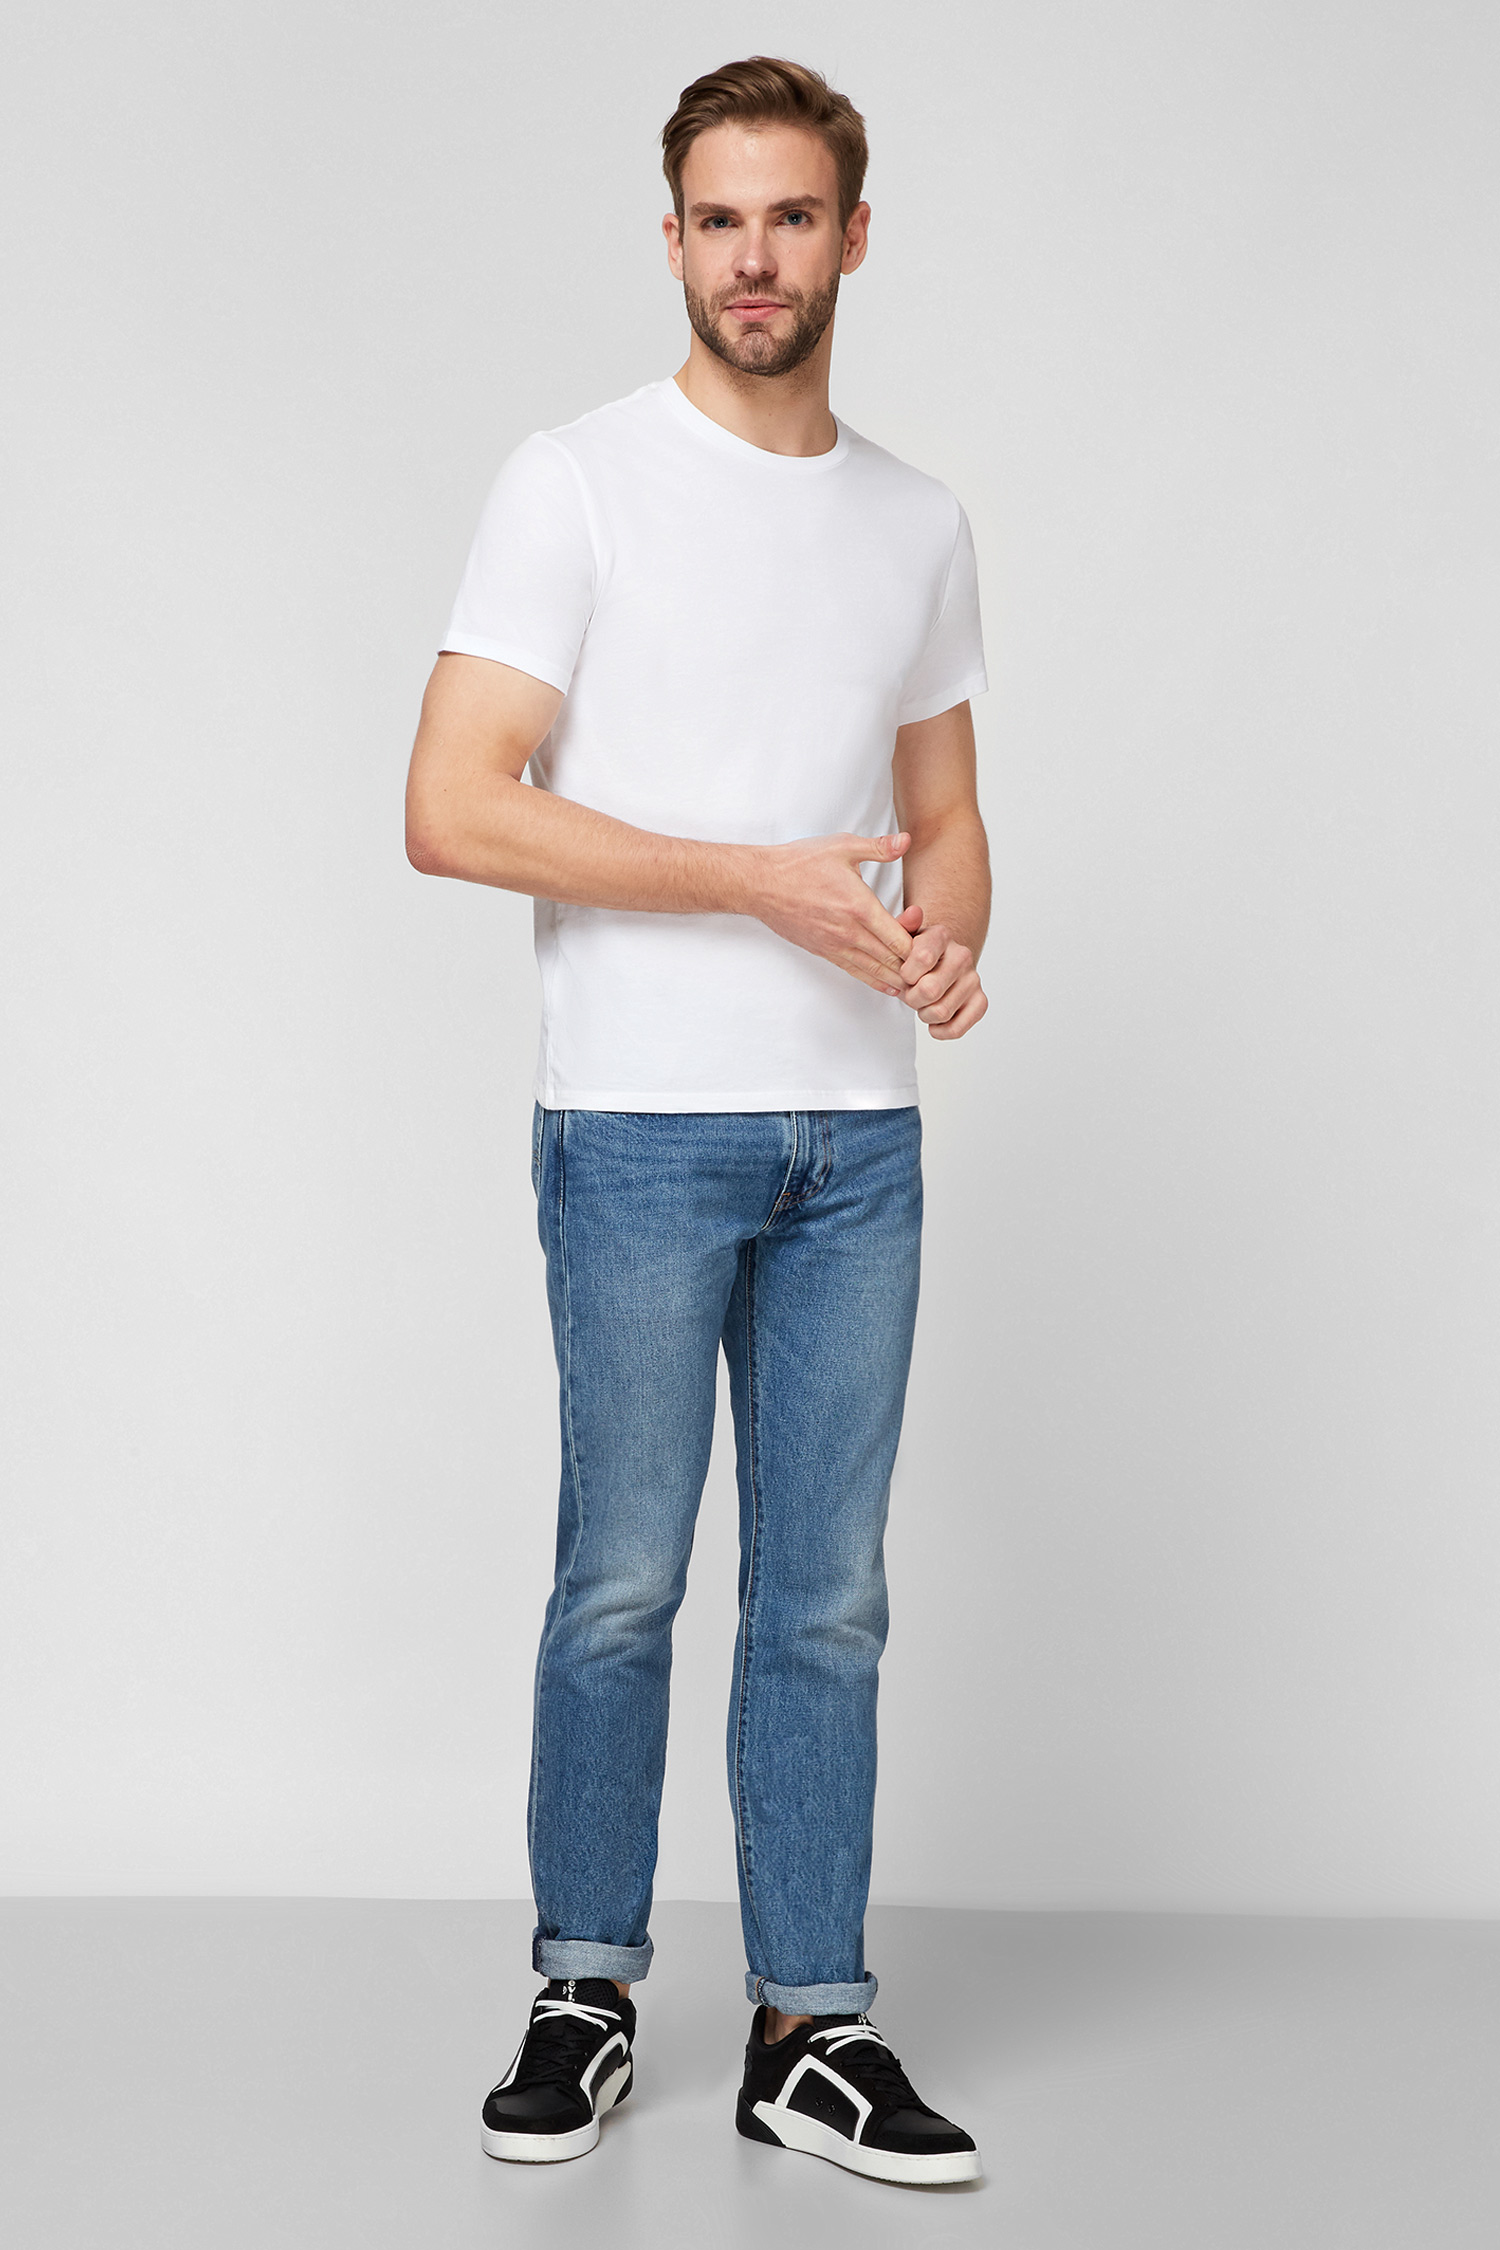 Набор мужских футболок Crew Neck Slim Fit (2 шт) Levi's 82176;0002